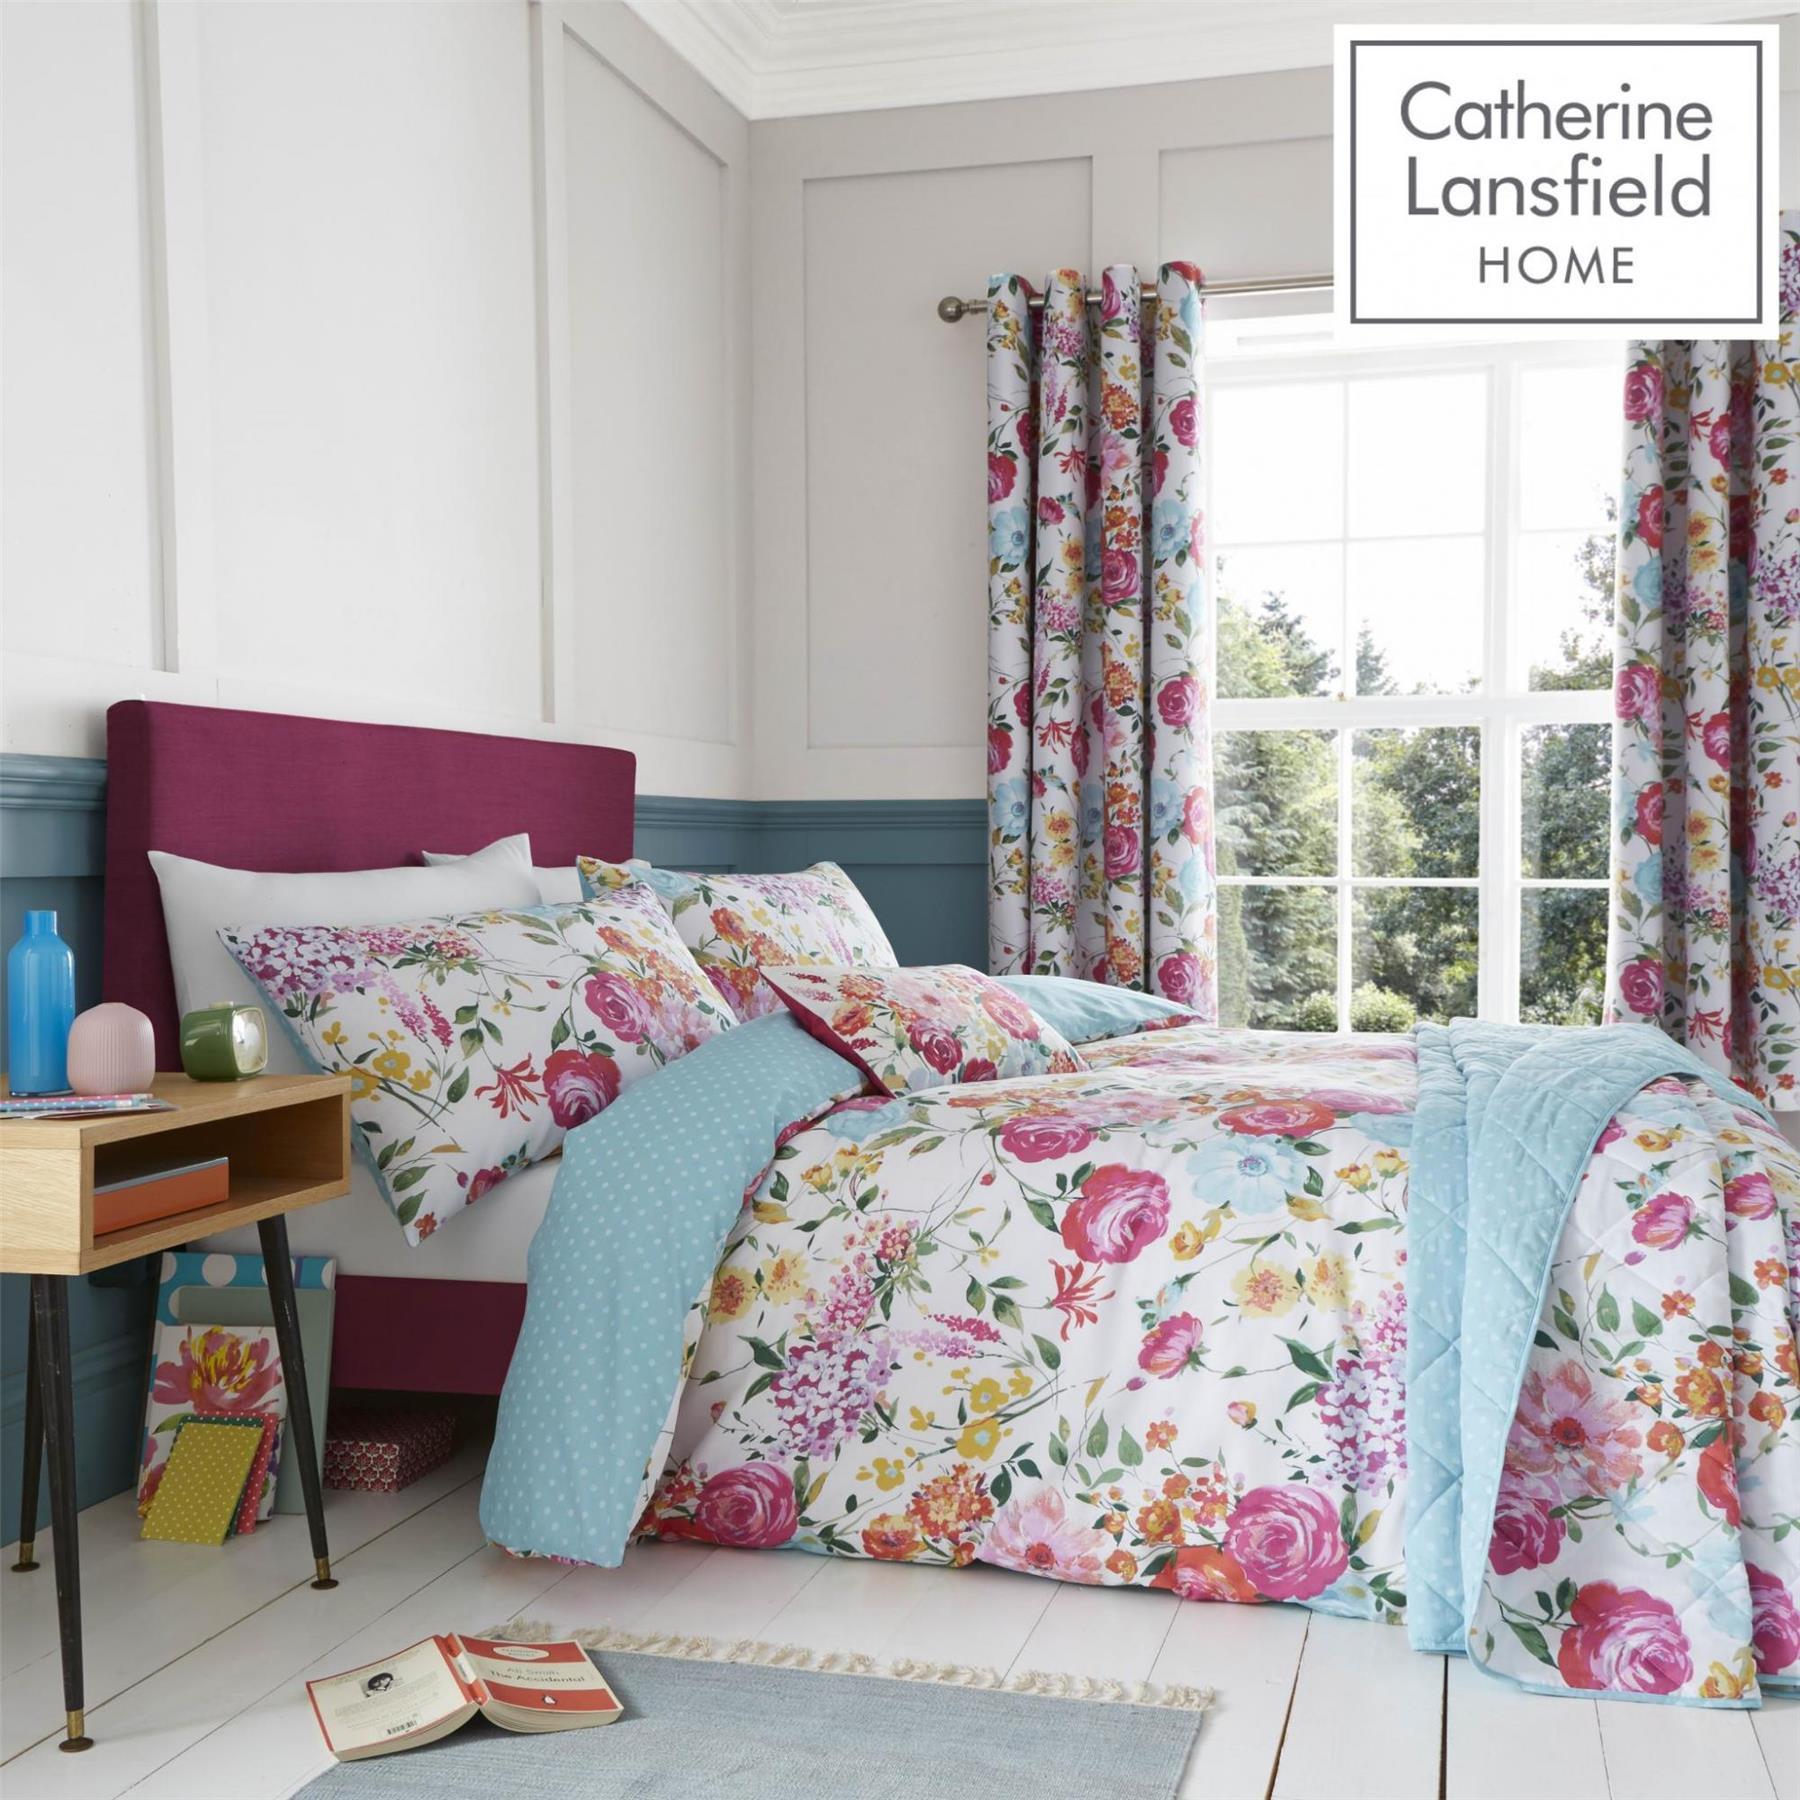 Catherine-Lansfield-biancheria-da-letto-Salisbury-Copripiumino-Set-Tende-Cuscino-Copriletto miniatura 23